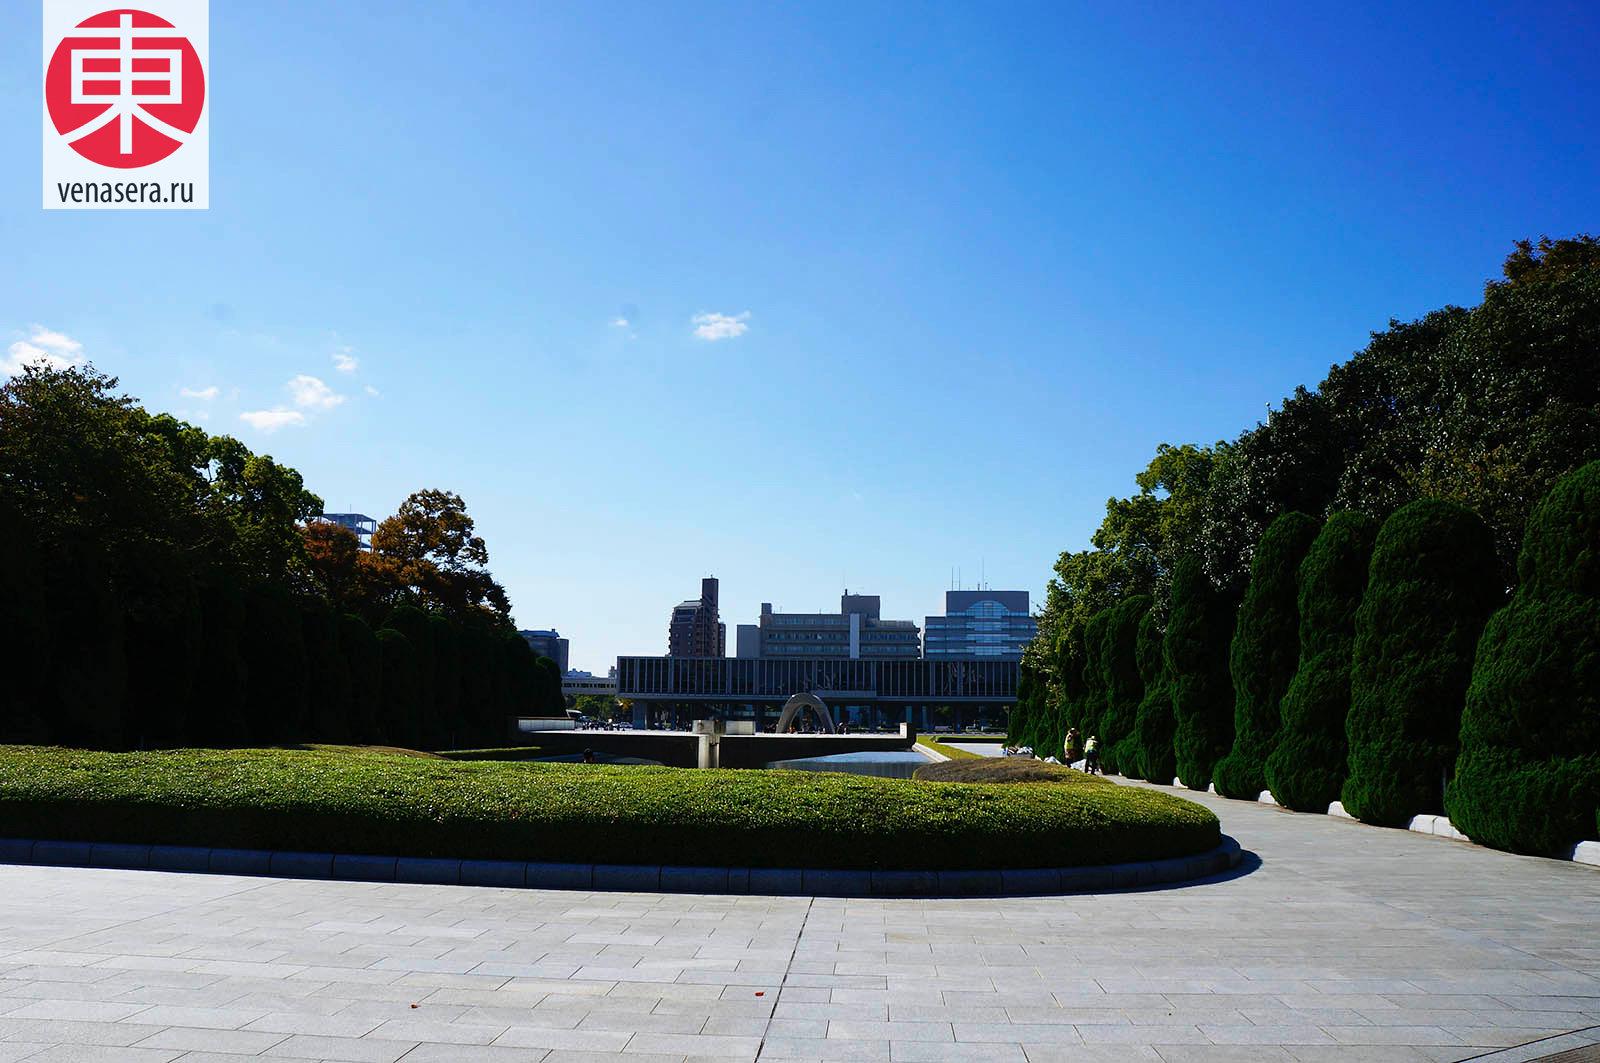 Мемориальный парк мира в Хиросиме, Hiroshima Peace Memorial Park, 広島平和記念公園, Хиросима, Hiroshima, 広島, Хонсю, Honshu, 本州, Япония, Japan, 日本.